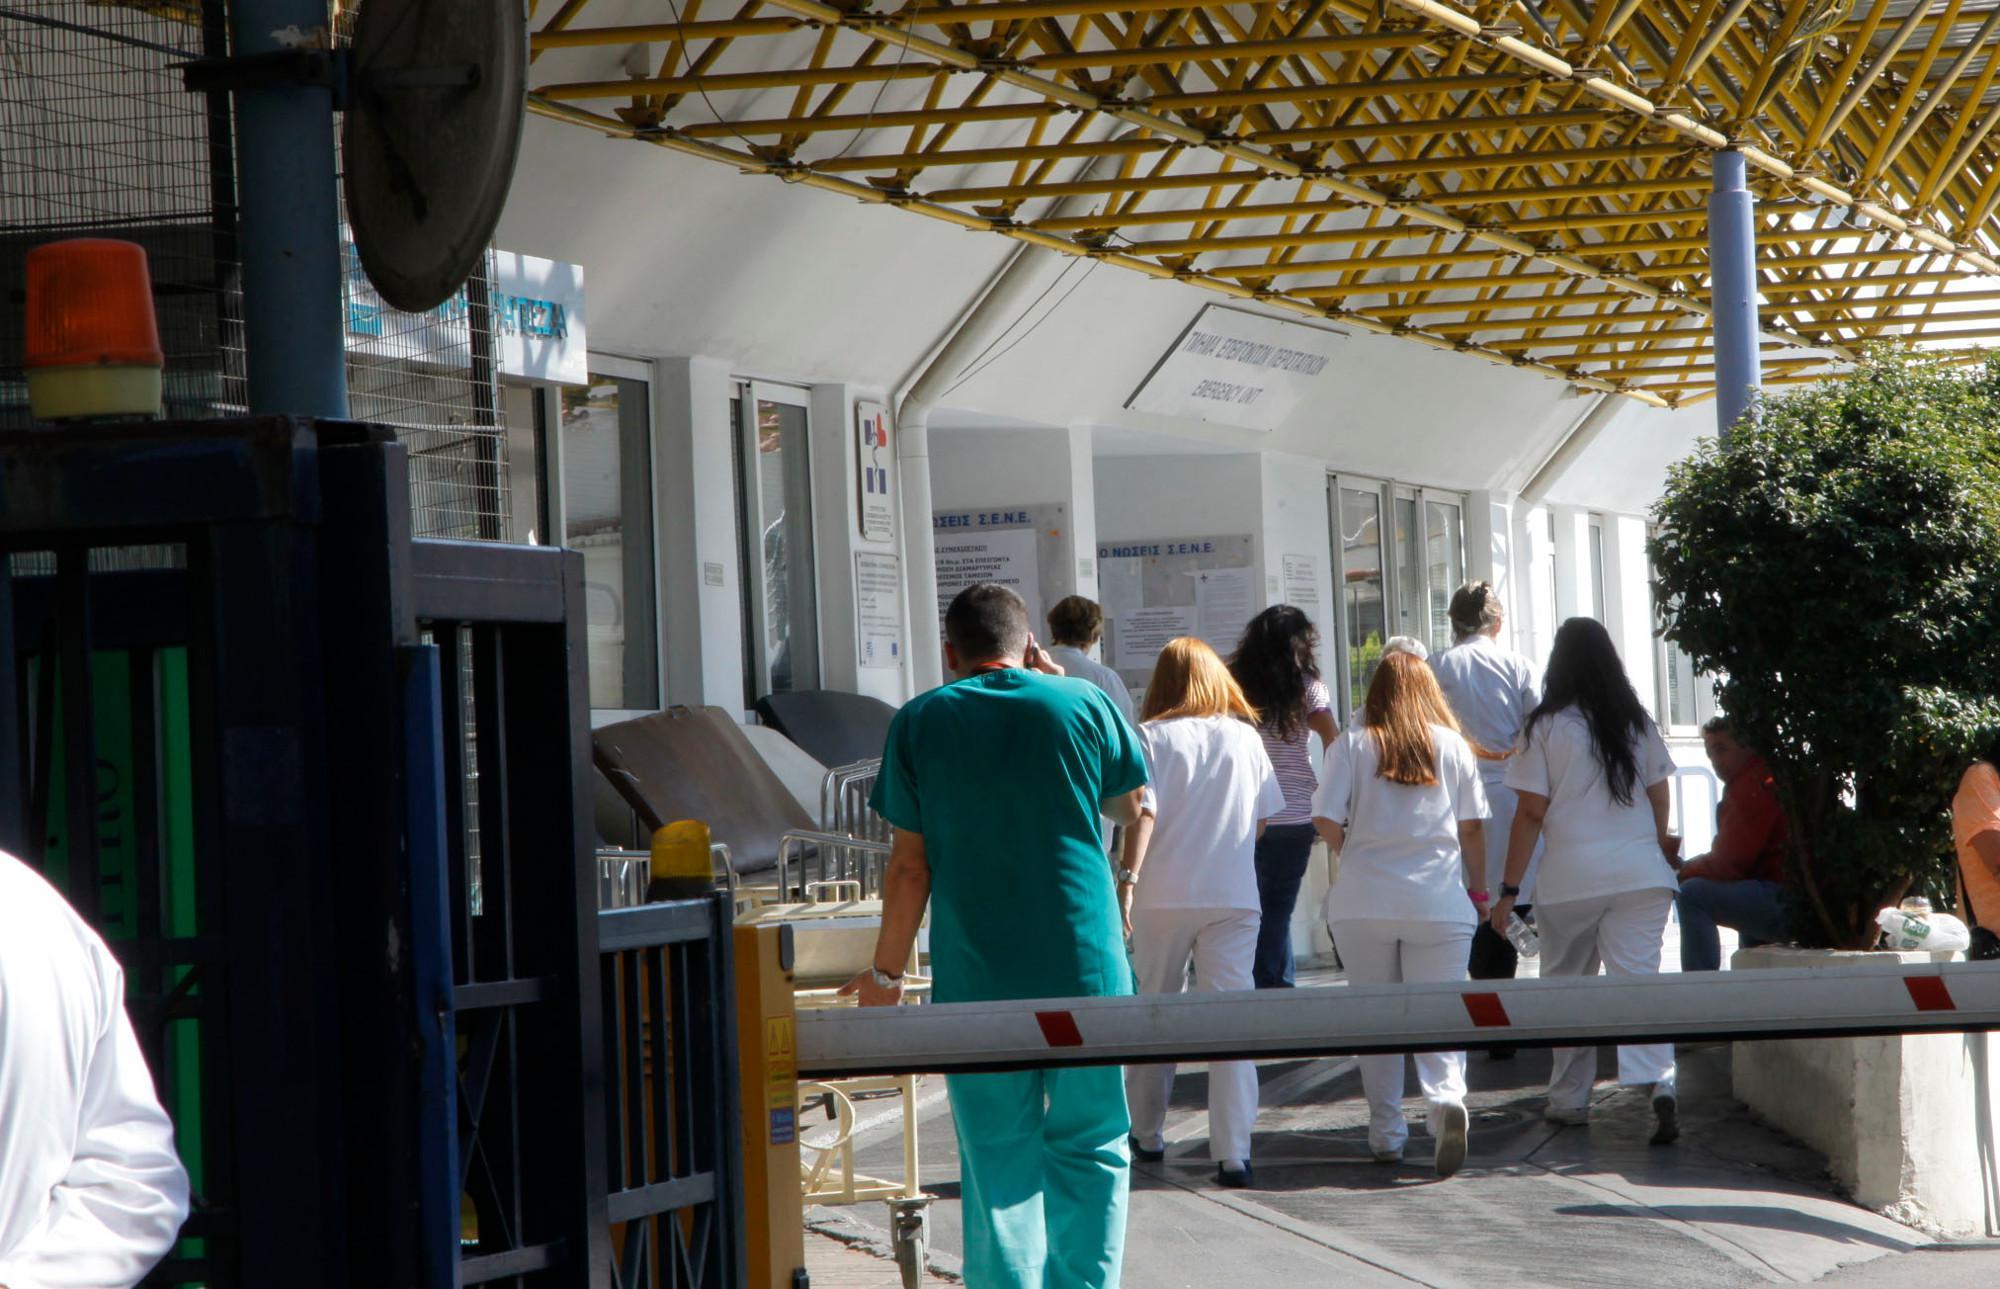 Κορωνοϊός - Ευαγγελισμός: Από επισκέπτη ίσως η διασπορά - 20 κρούσματα σε εργαζόμενους και ασθενείς